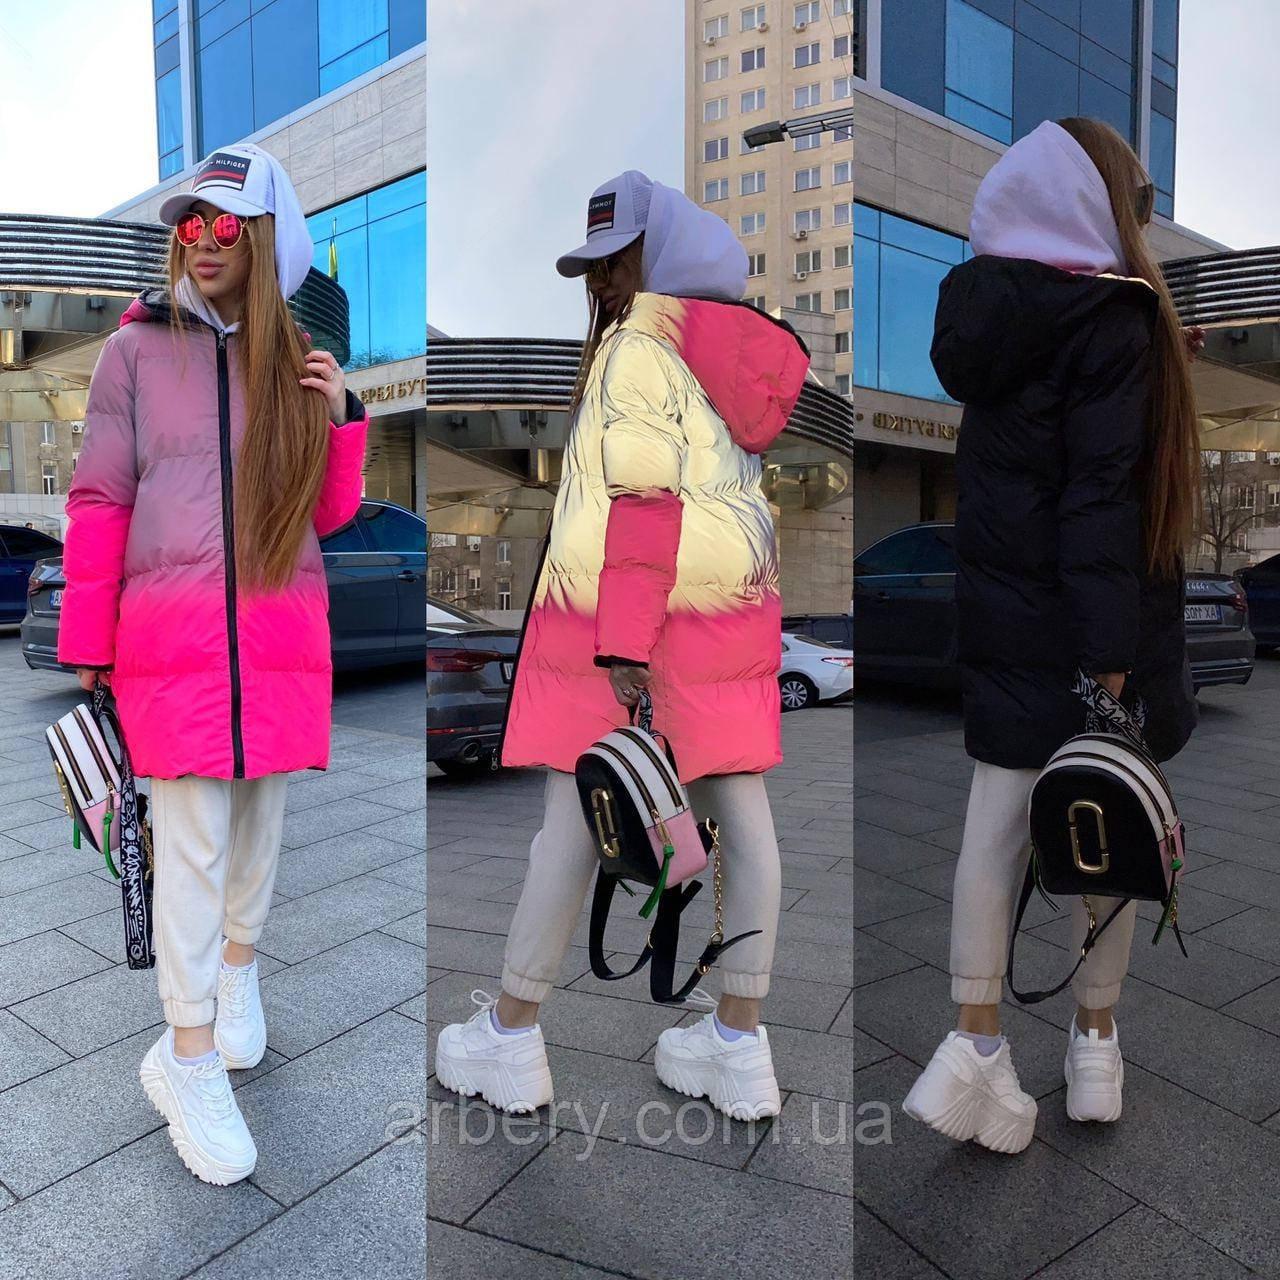 Шикарная рефлекторная двухсторонняя куртка